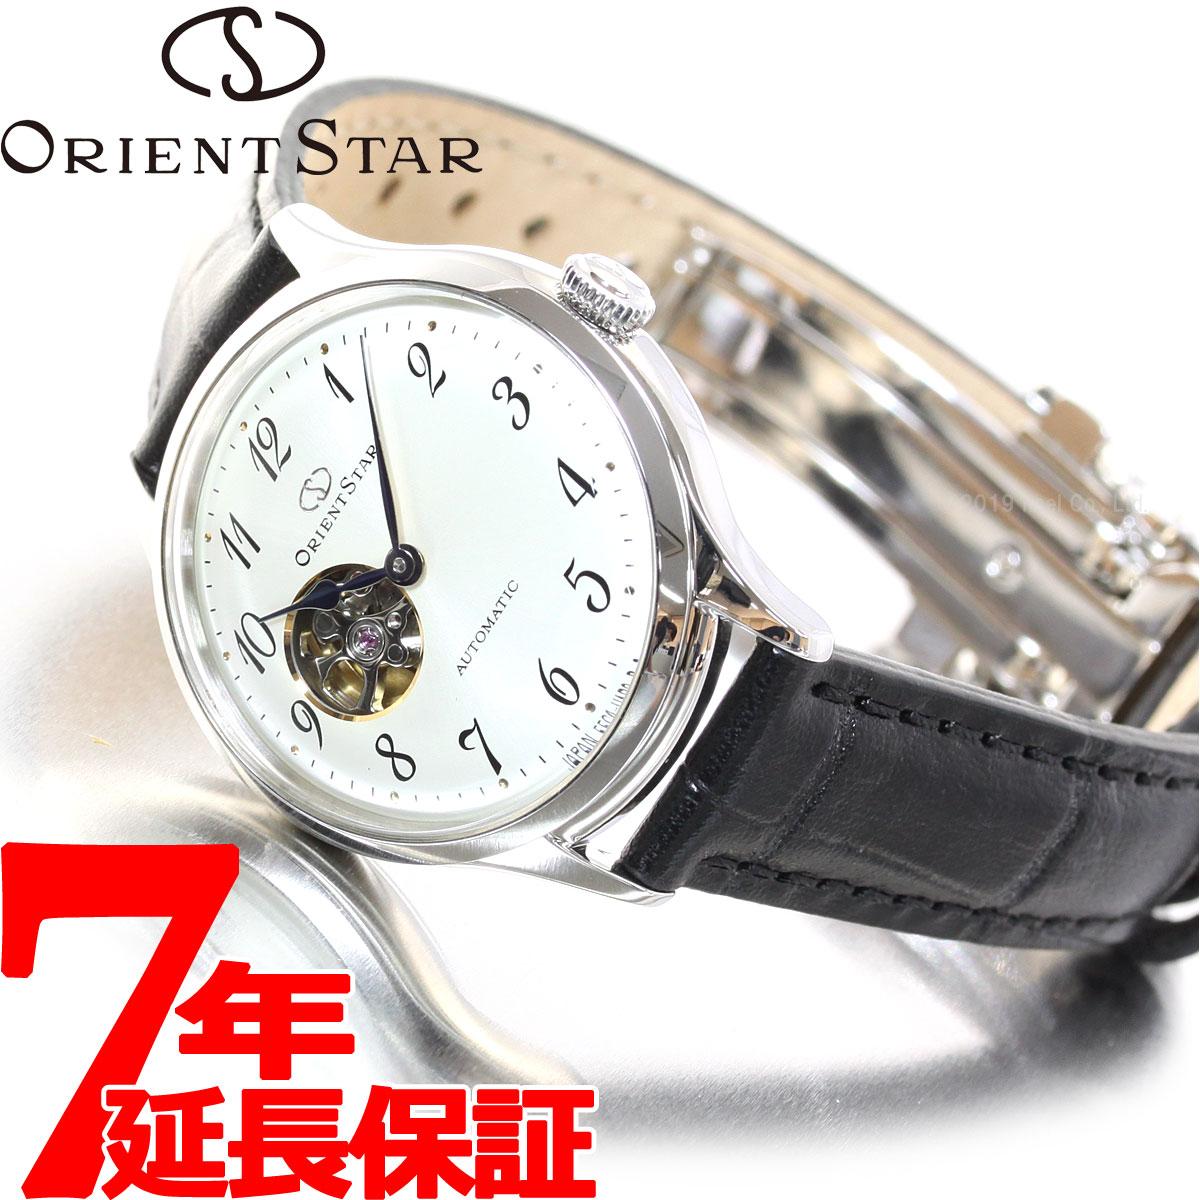 【5日0時~♪10%OFFクーポン&店内ポイント最大51倍!5日23時59分まで】オリエントスター ORIENT STAR 腕時計 レディース 自動巻き メカニカル クラシック セミスケルトン RK-ND0007S